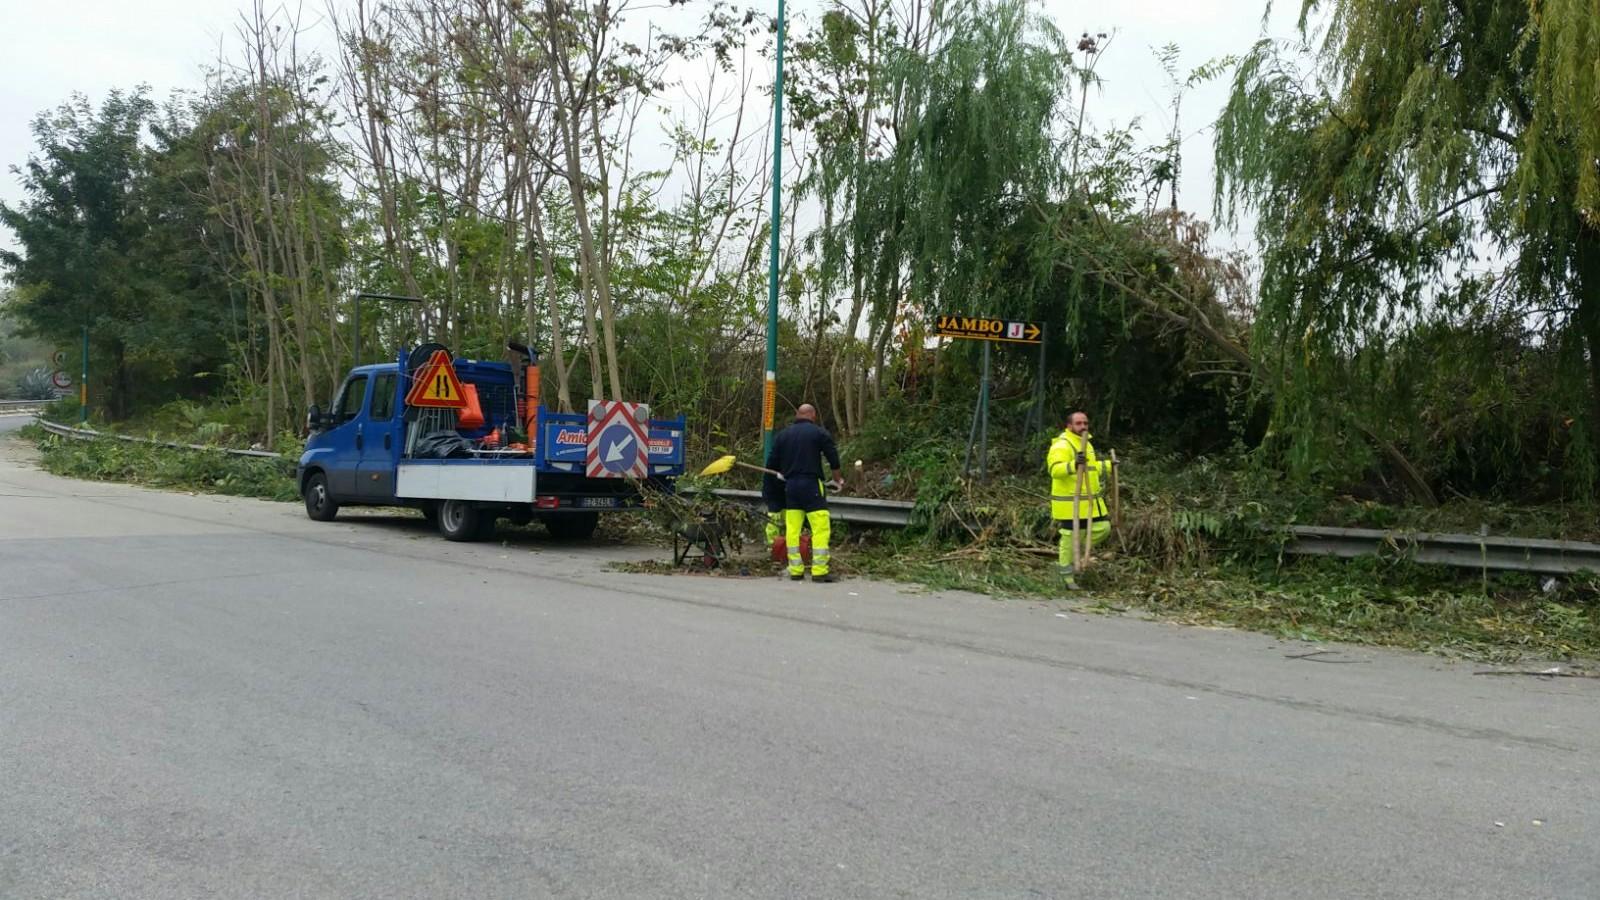 Grumo nevano, lavori in corso di puliza della sede stradale ASSE MEDIANO, Consigliere G.Brisetti